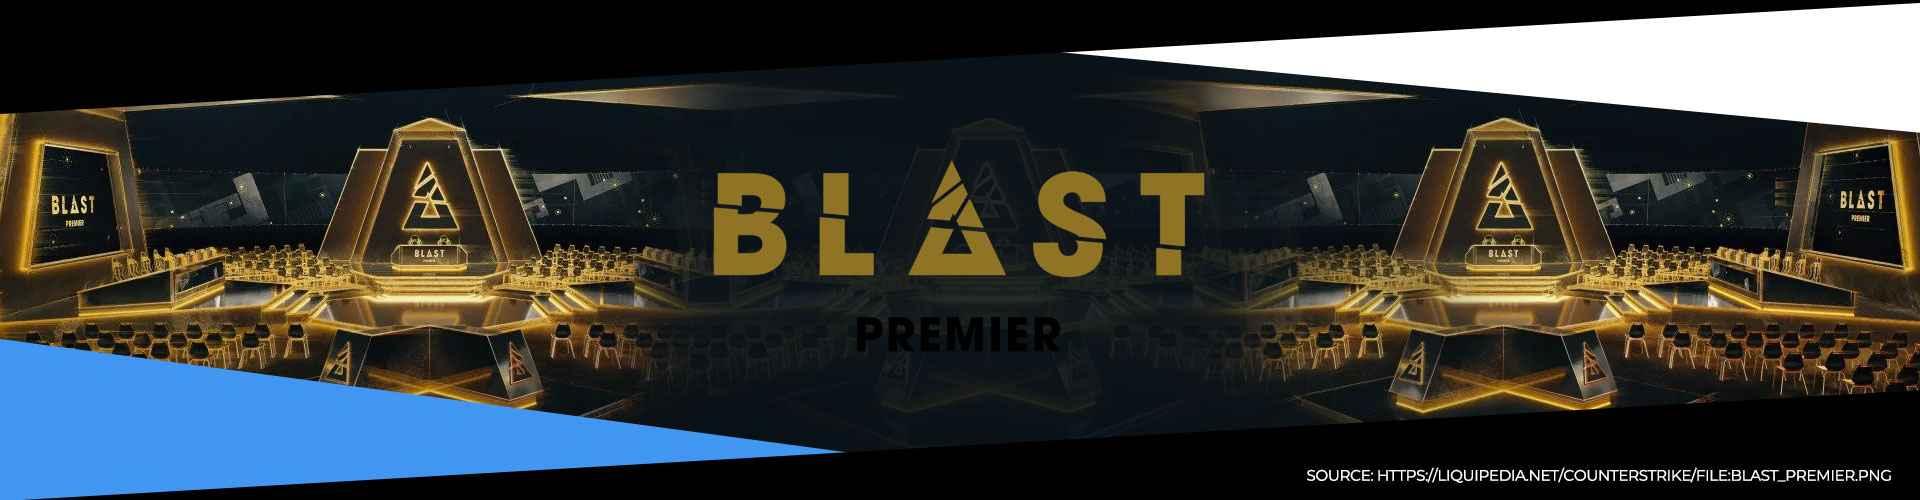 All information du behöver inför BLAST Premier: Spring 2020.